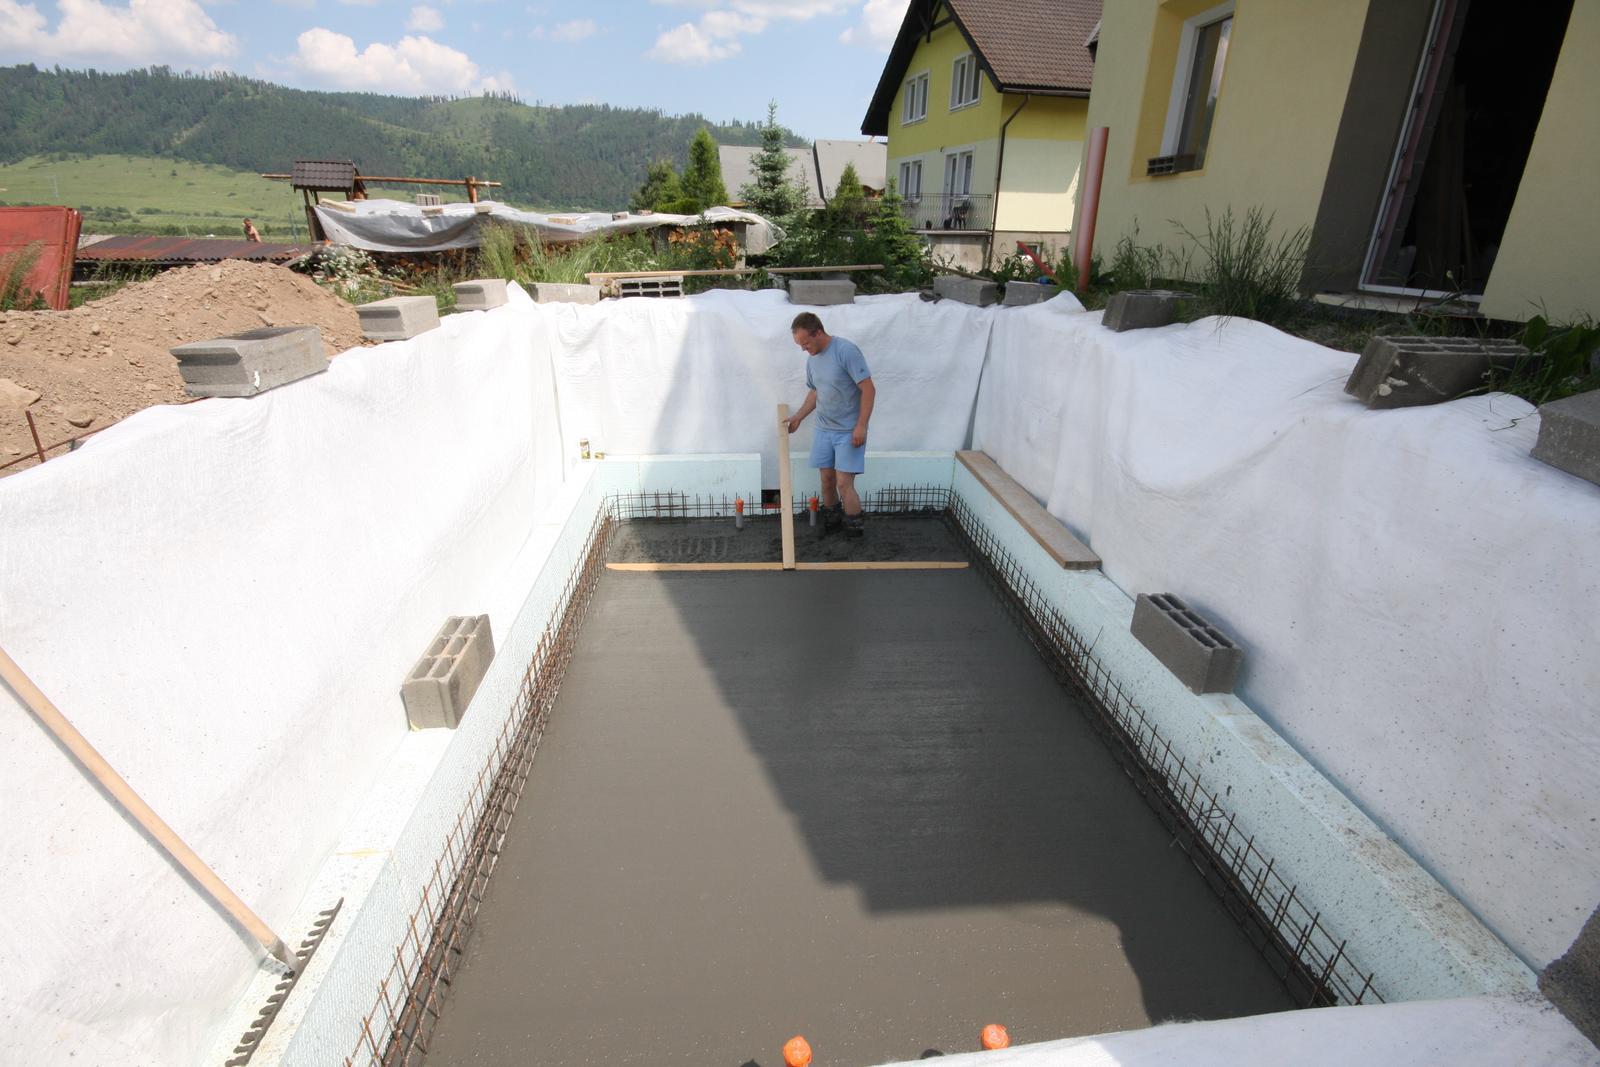 Nulový dom, dom bez komína... Som UFO? - snazil som sa, bolo to dost narocne, ale budeme mat aj bazen za ,,par eur,, ... cca 1600eur so vsetkym betonom, kari a v polystyrene 160mm a poriadne hlboky... rad sa potapam a skacem z balkona...